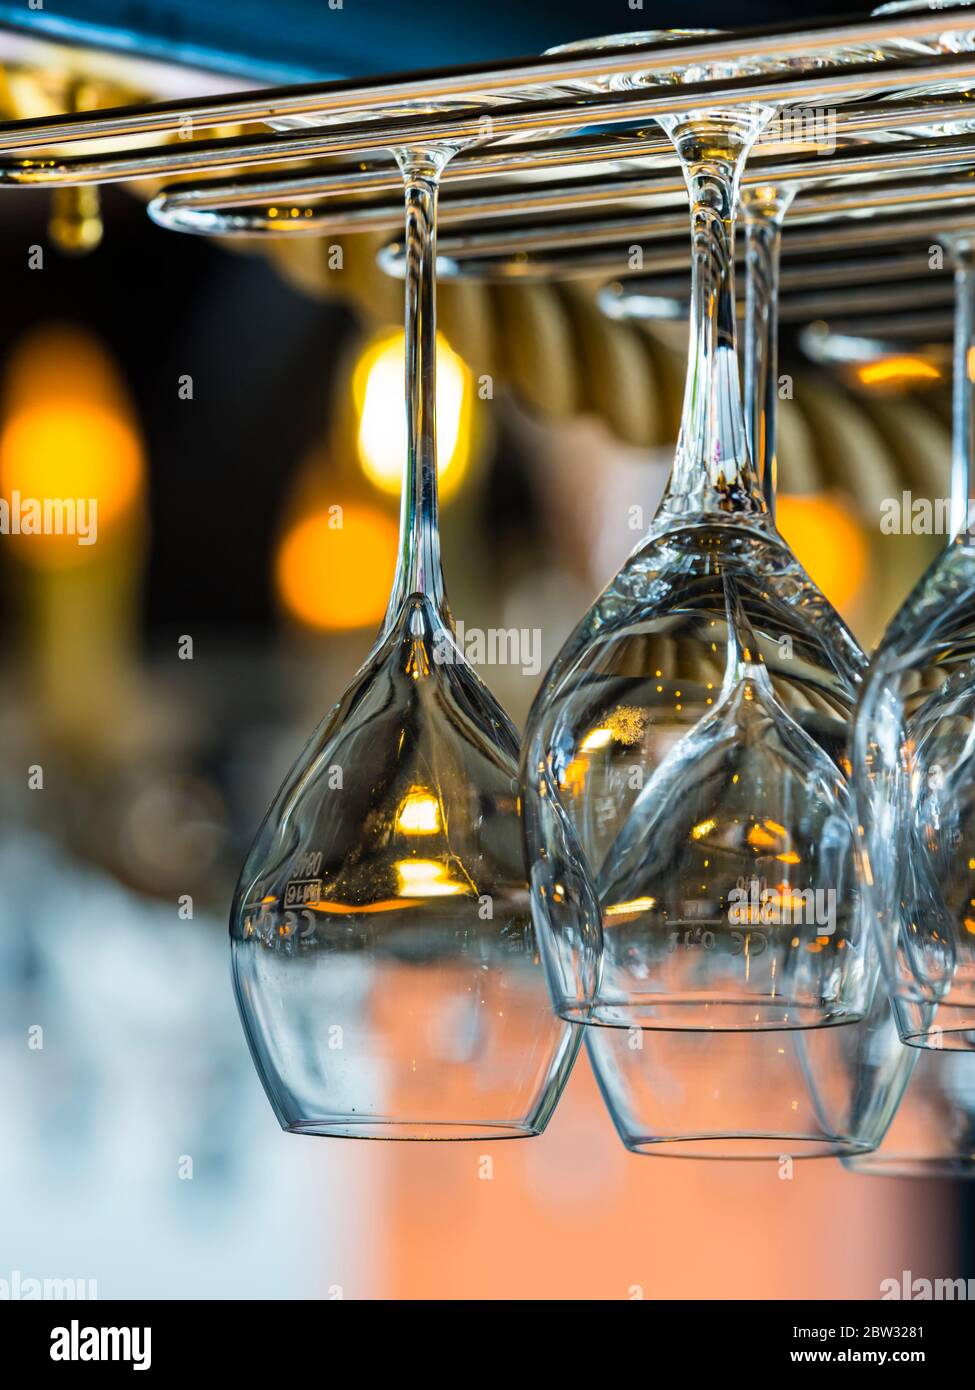 Muchos manojo múltiple de vasos vacíos listos limpios lavados limpios colgados por encima invertidos en la barra aislada Foto de stock